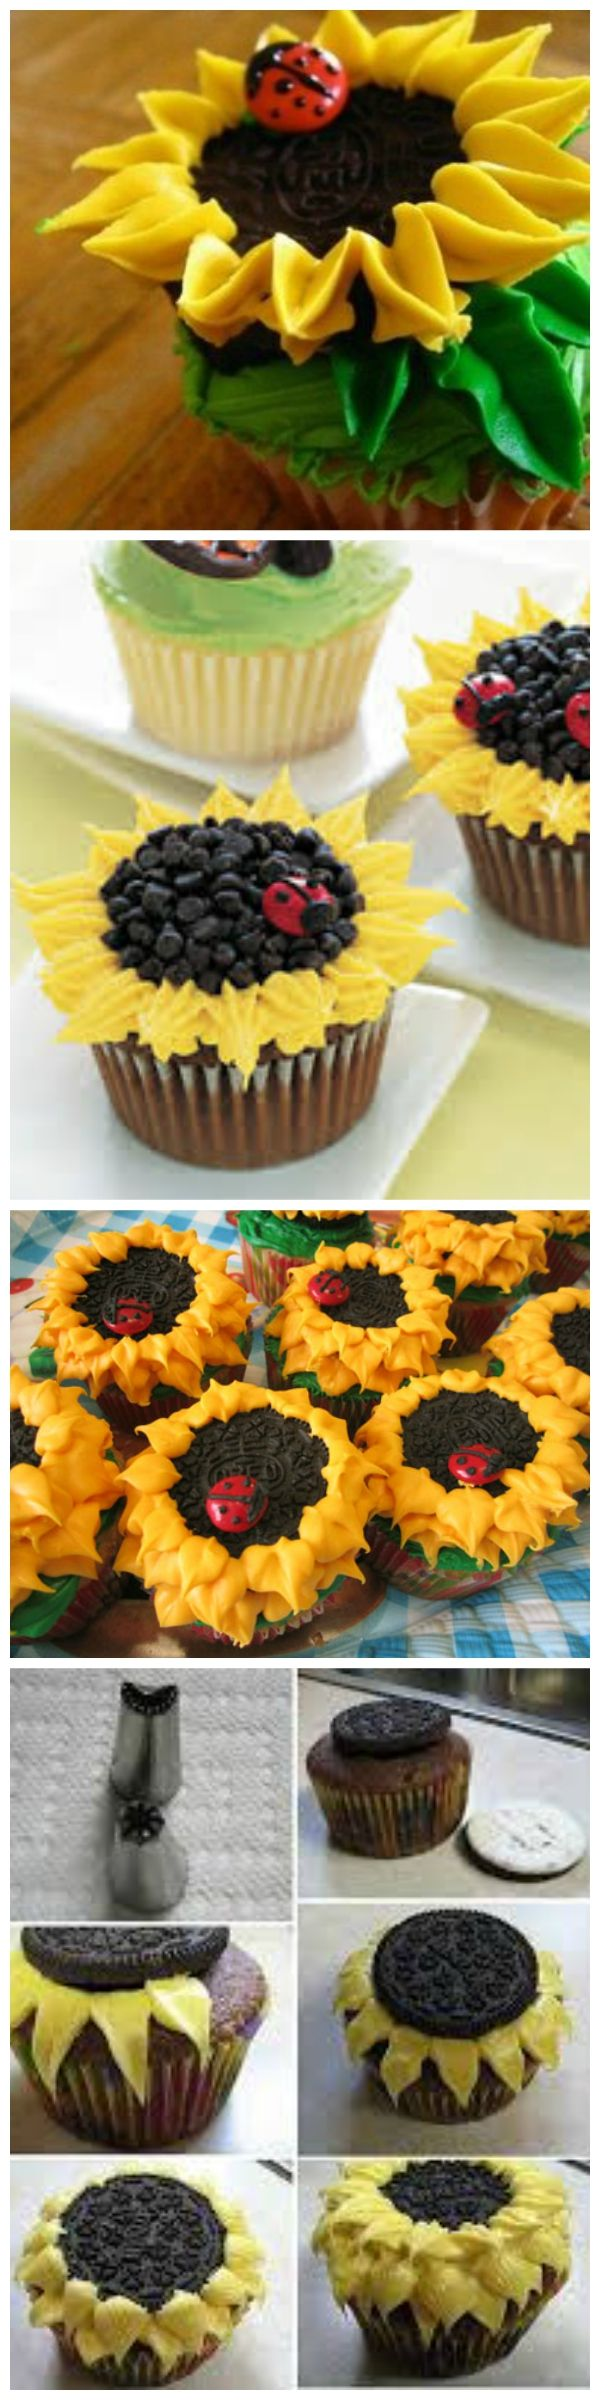 Oreo Sunflower Cupcakes